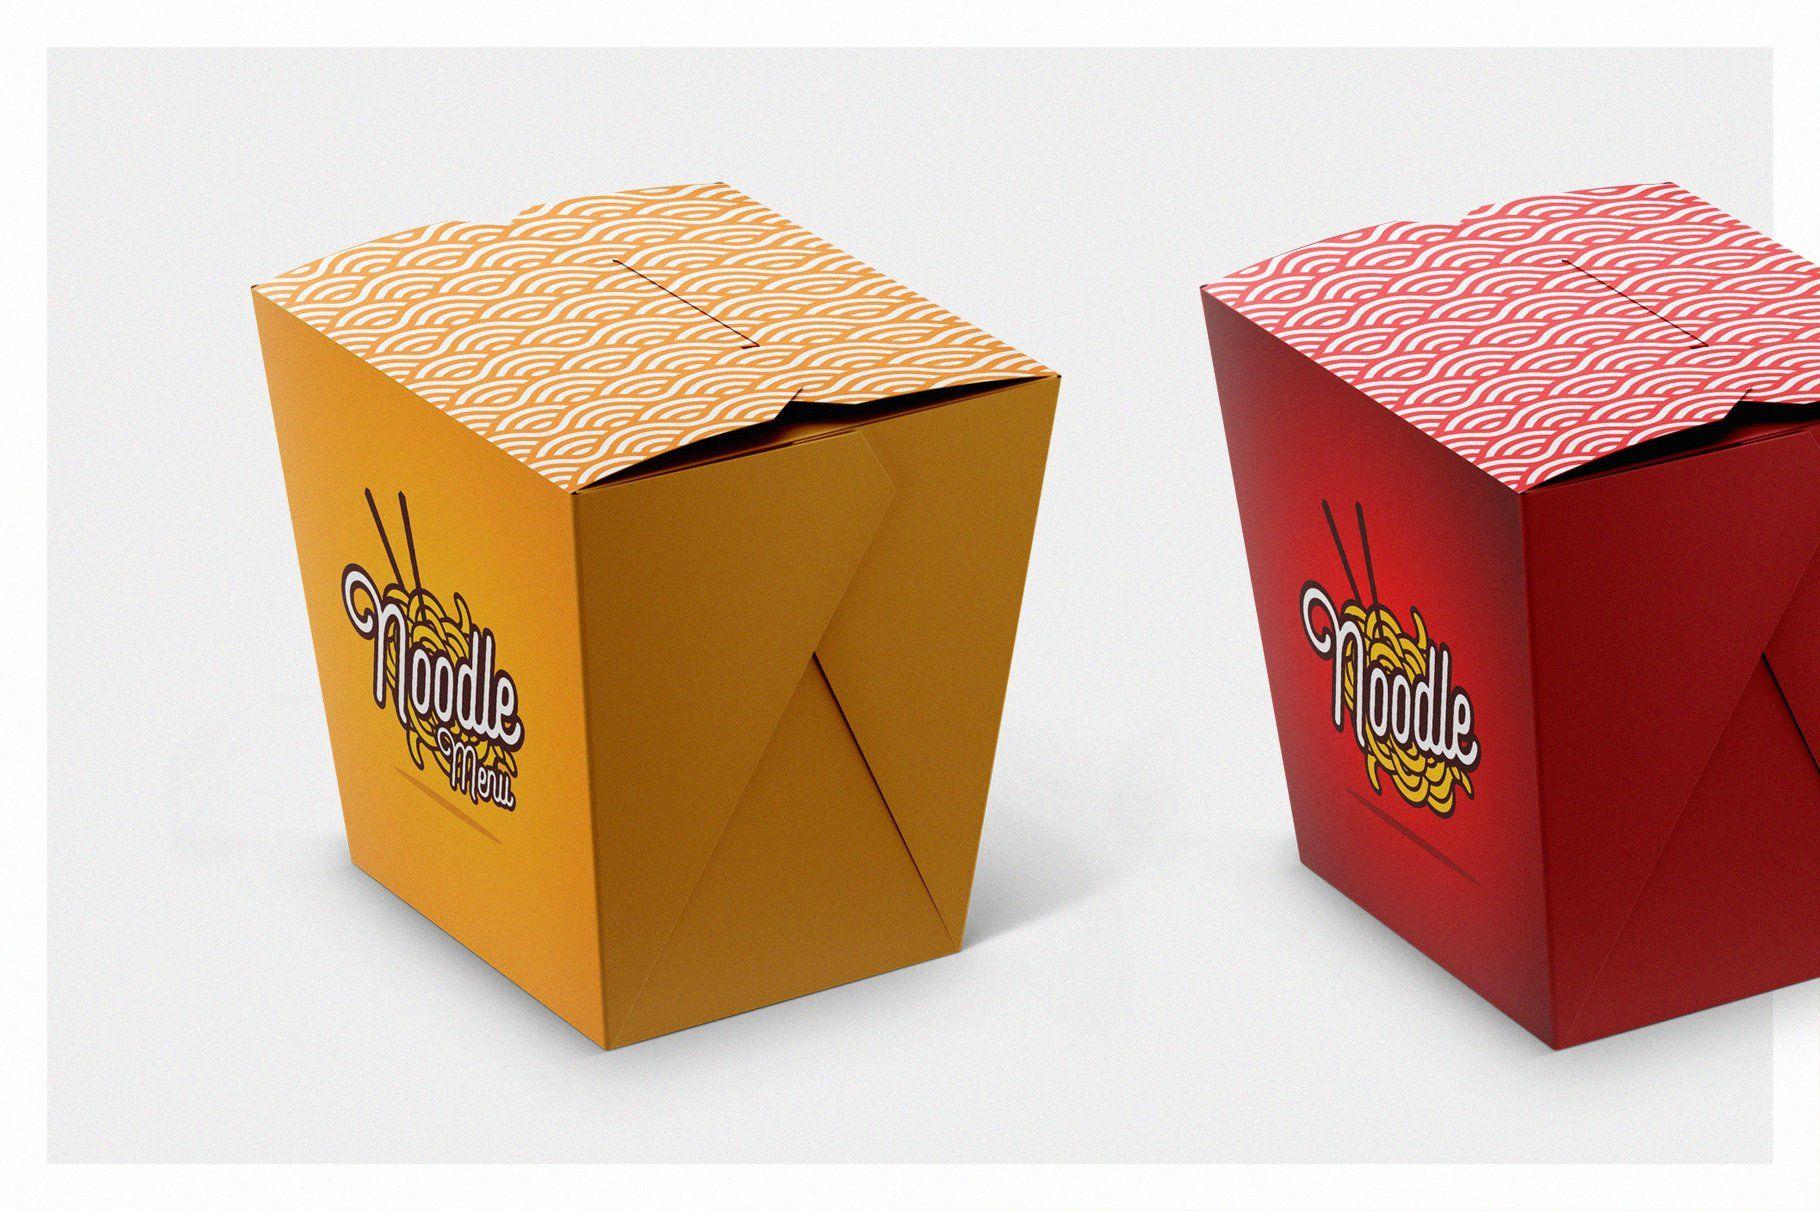 Download Noodles Box Mockup Set Ide Kemasan Kemasan Kemasan Produk